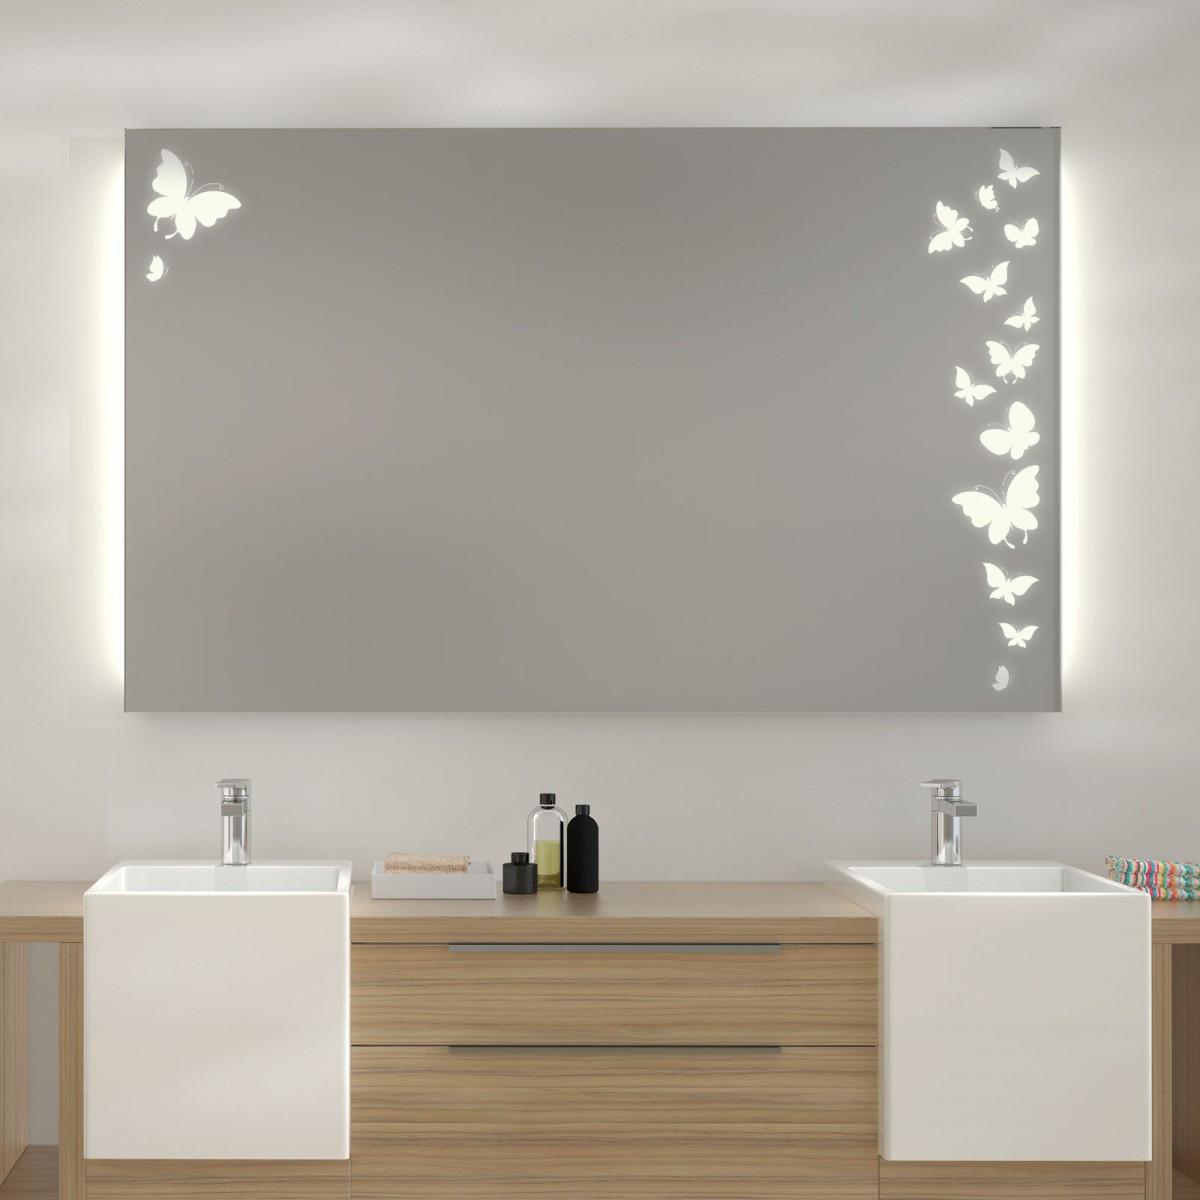 Spiegel Mit Beleuchtung  Spiegel mit LED Beleuchtung Ulm